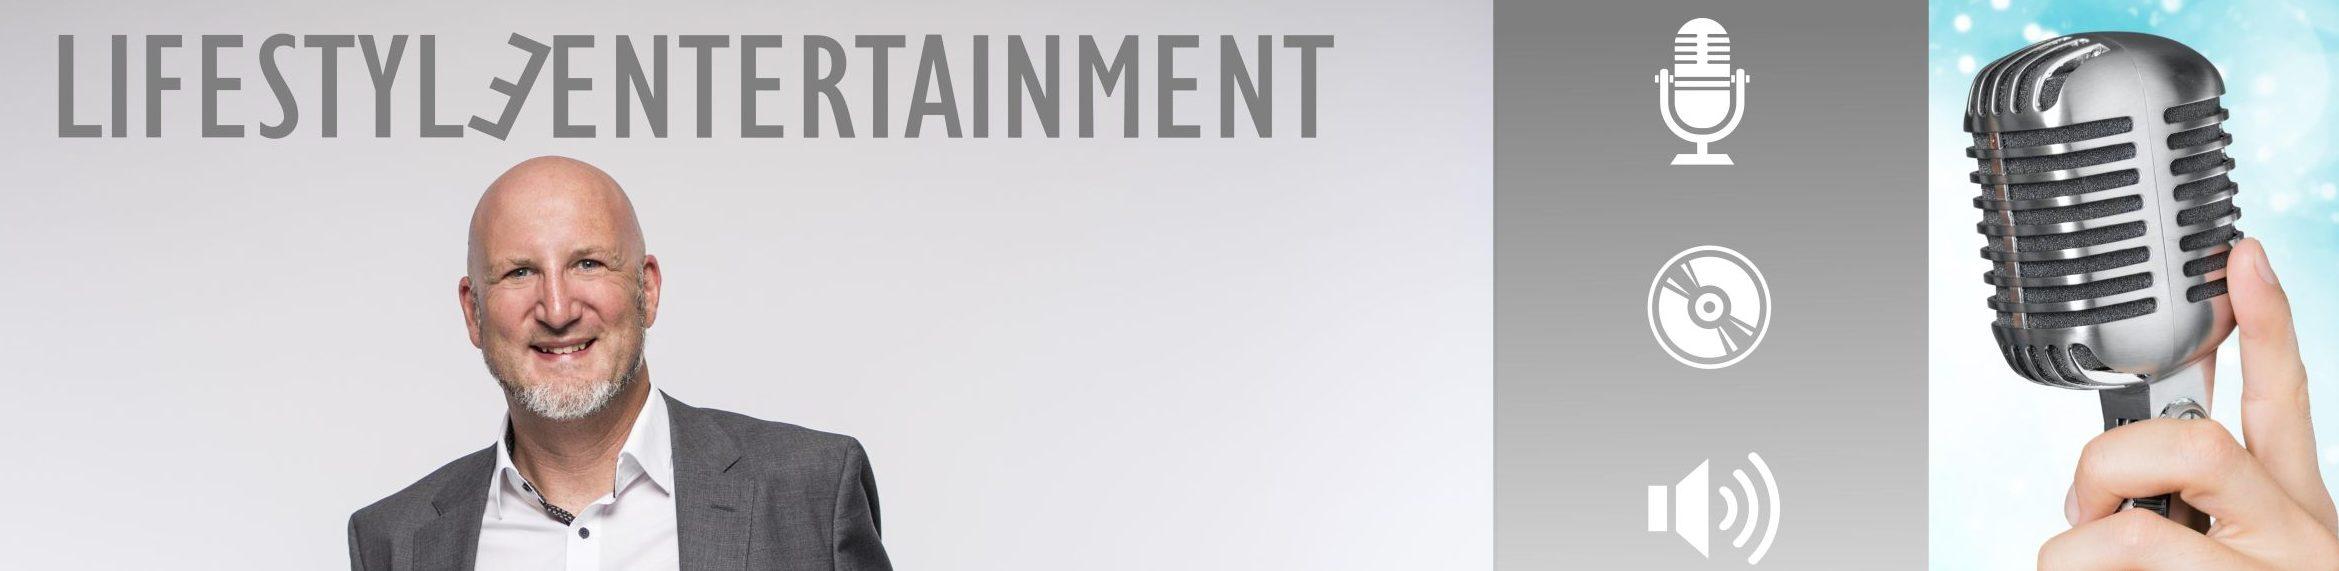 Lifestyle und Entertainment